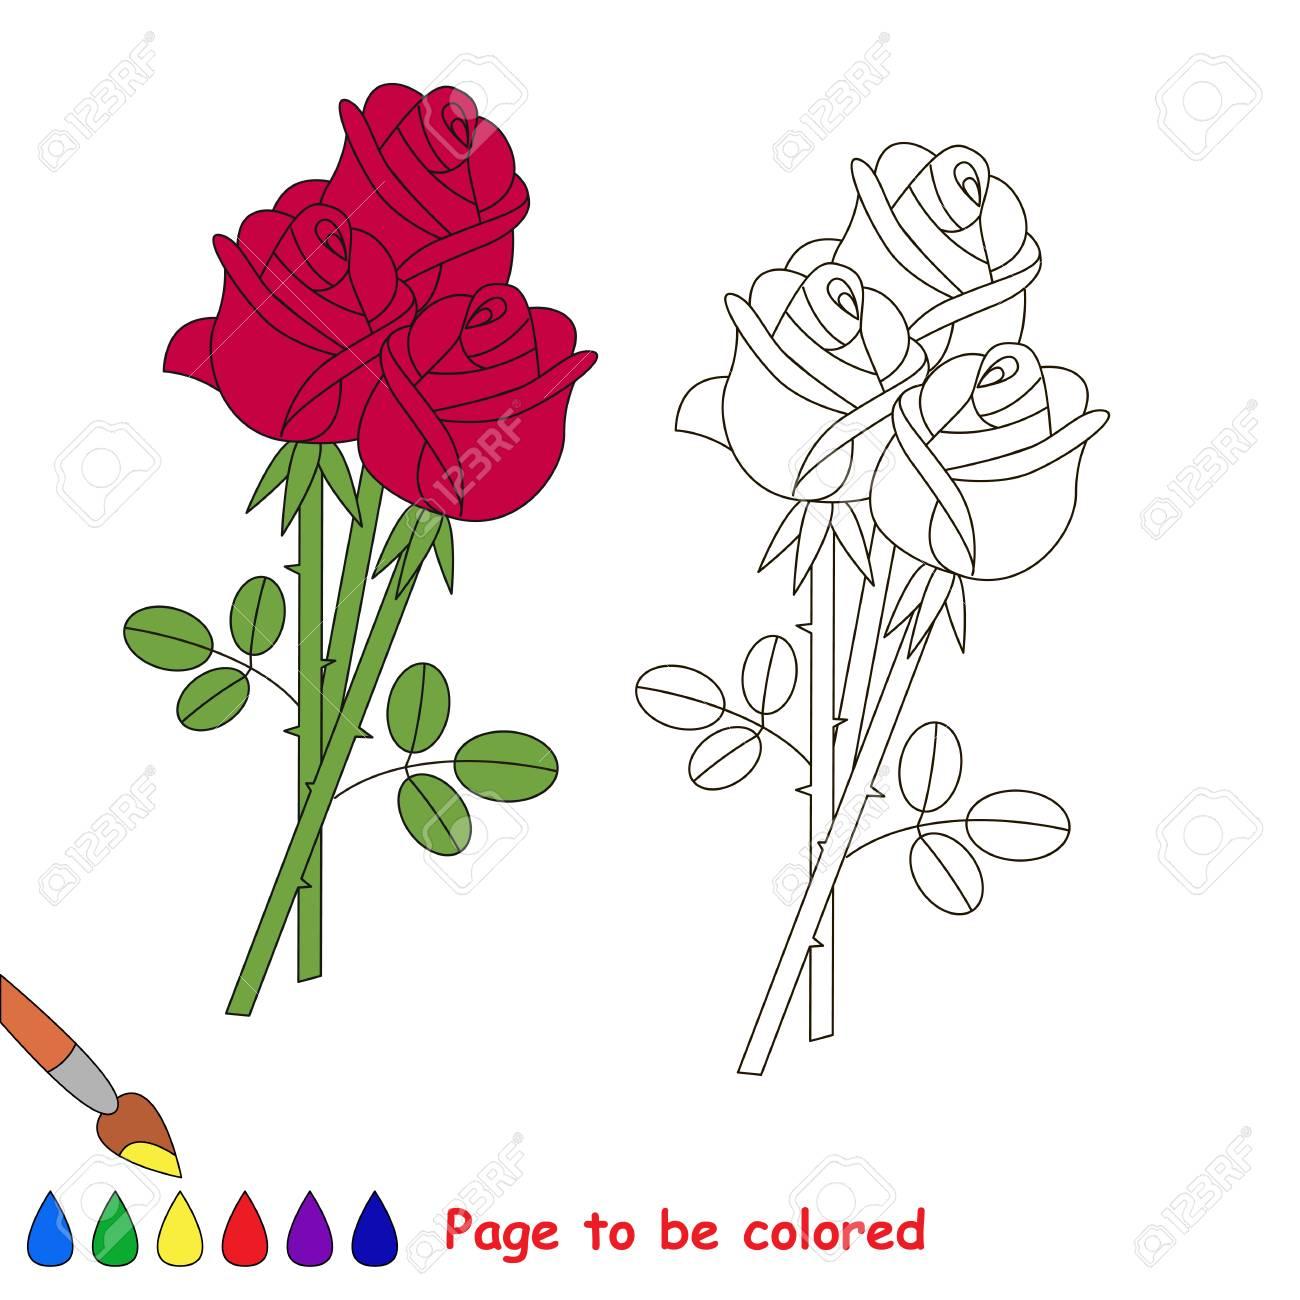 Vettoriale Rose Bouquet Da Colorare Il Libro Da Colorare Per Bambini In Eta Prescolare Con Un Livello Di Gioco Educativo Facile Image 75110058